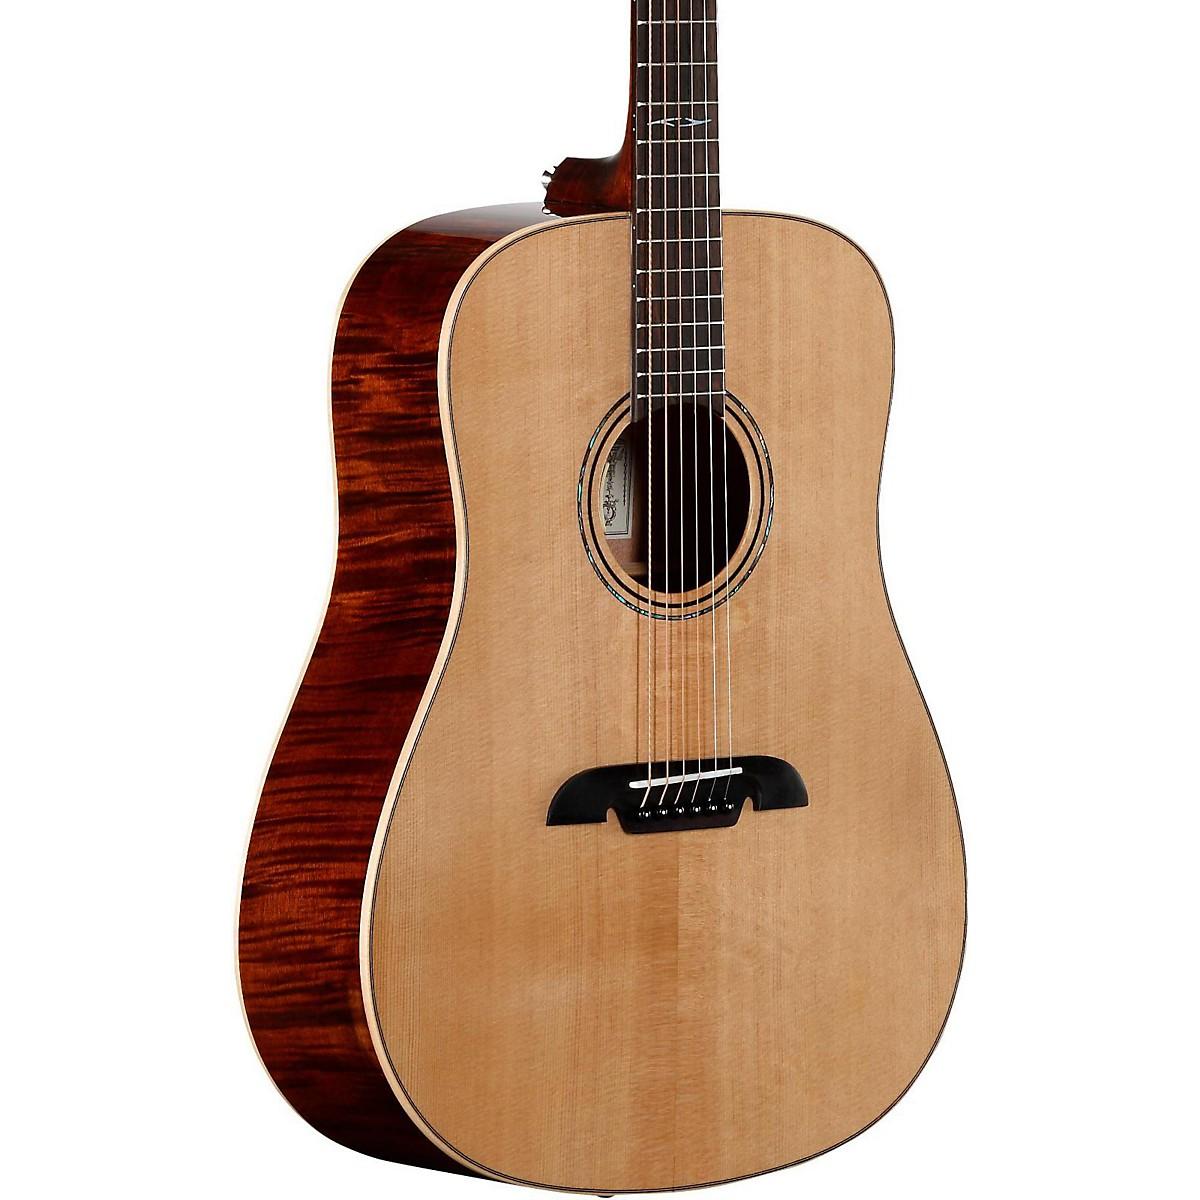 Alvarez AD610EFM Limited Edition Dreadnought Acoustic-Electric Guitar